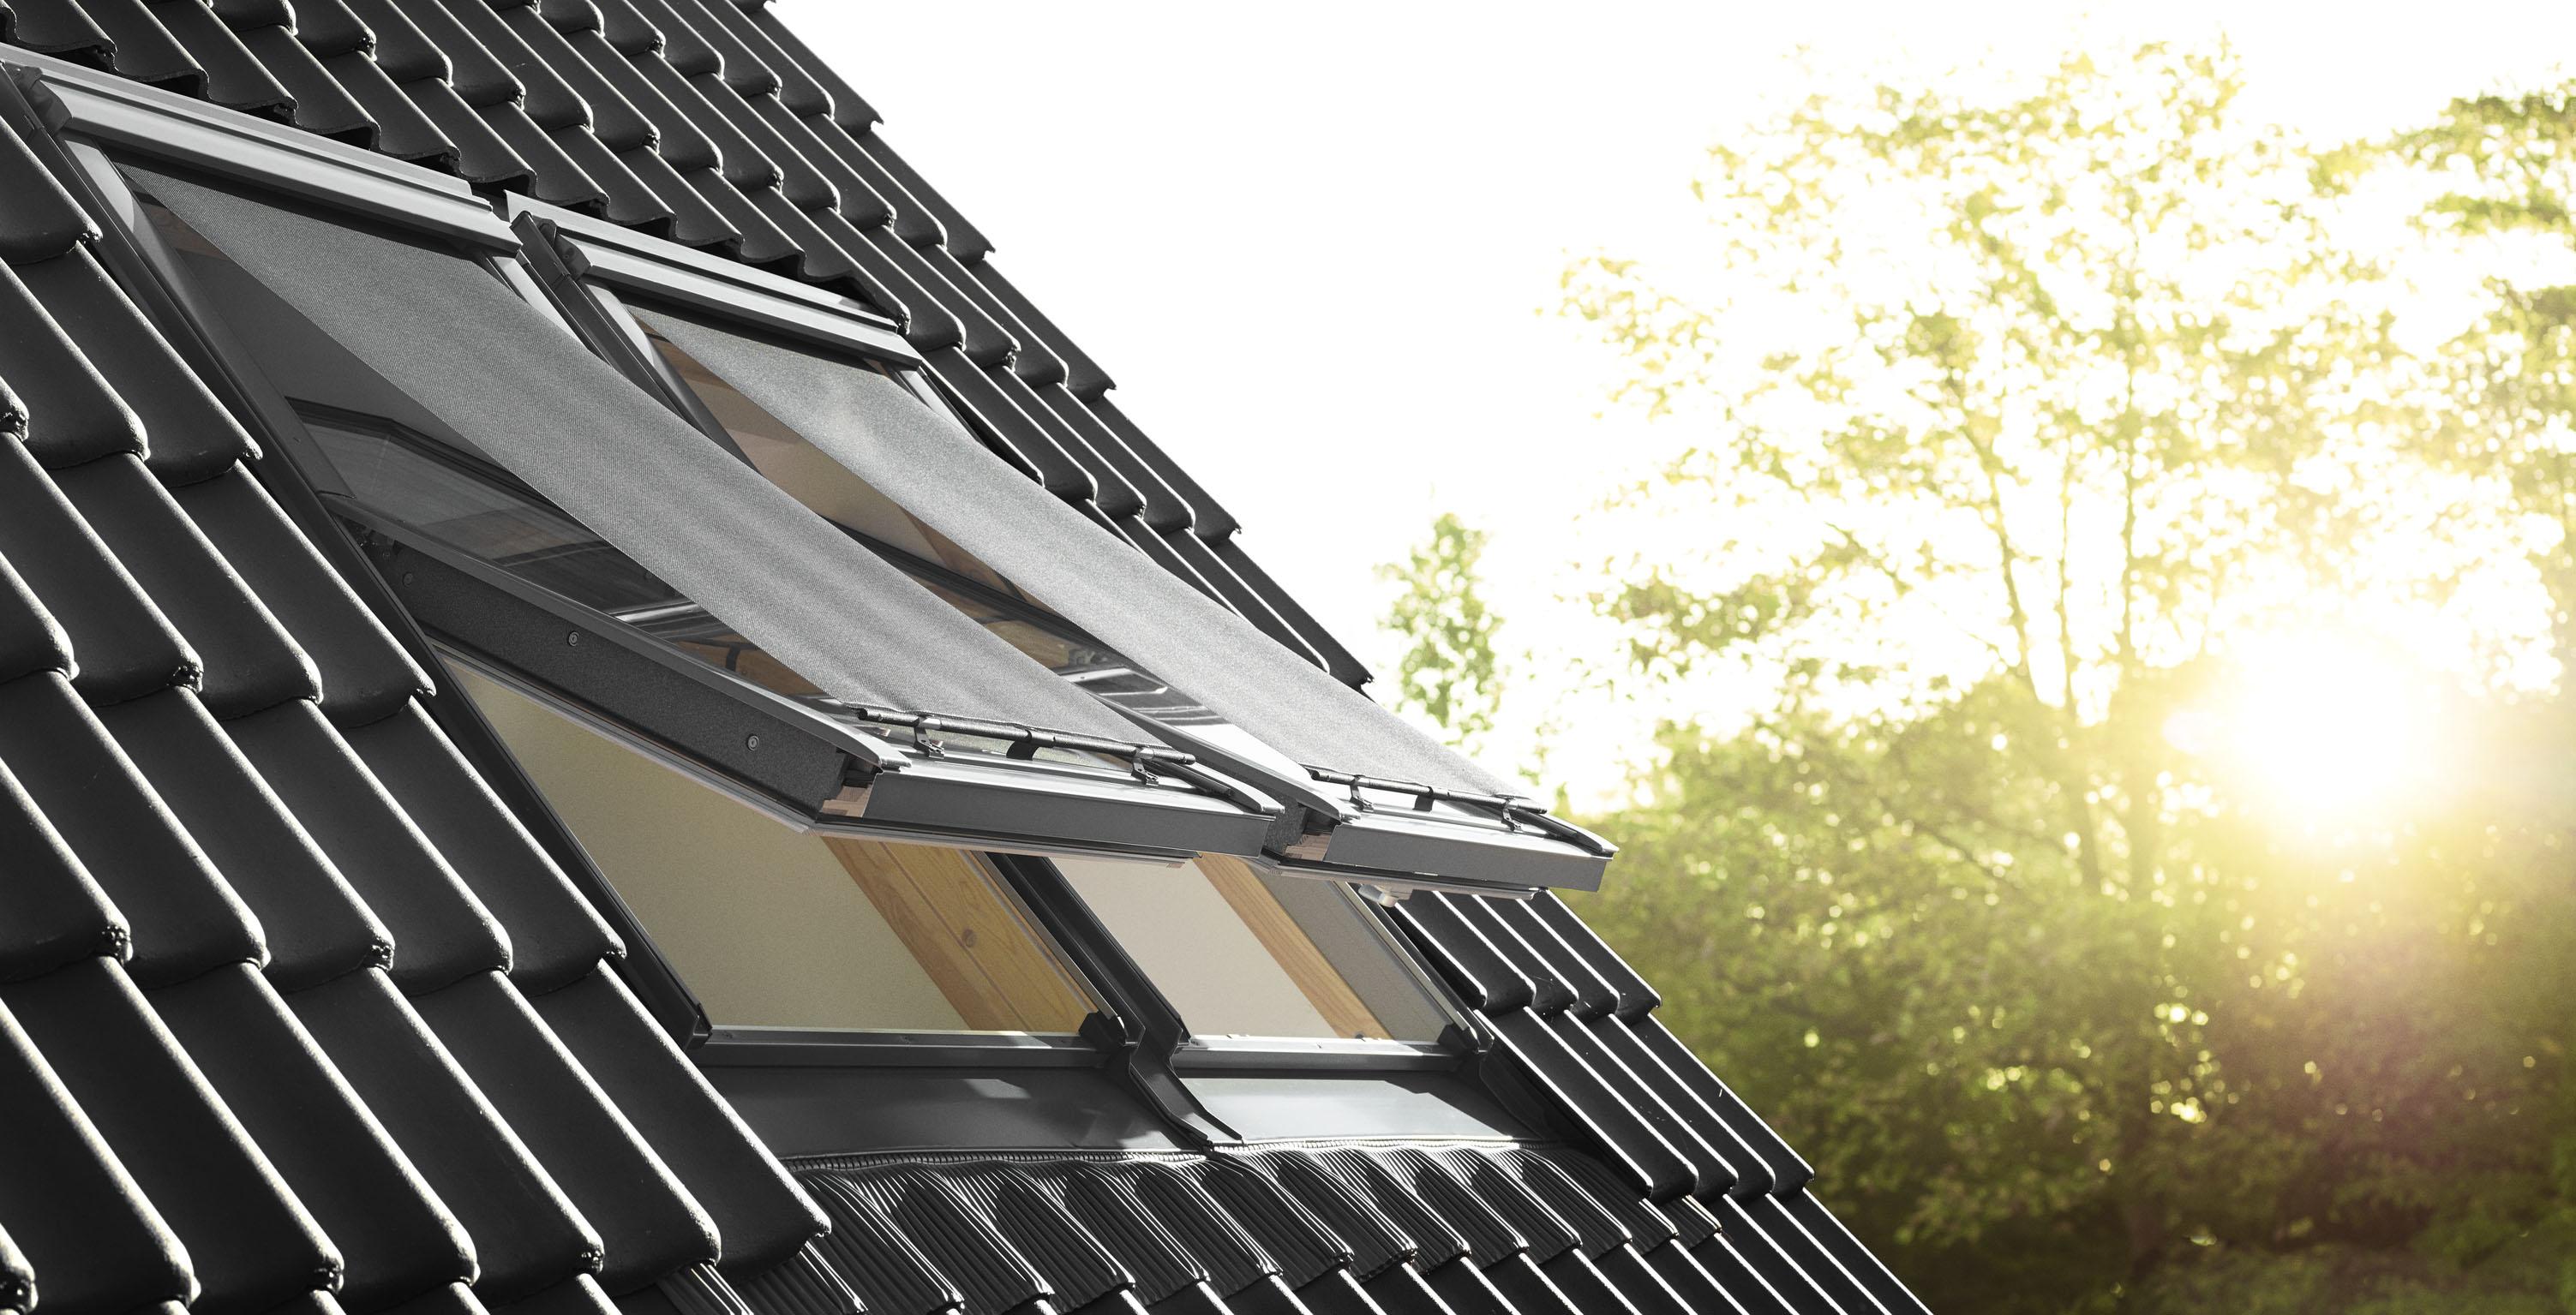 Dachgeschoss bei hitze im sommer herunterk hlen for Tapparelle per velux